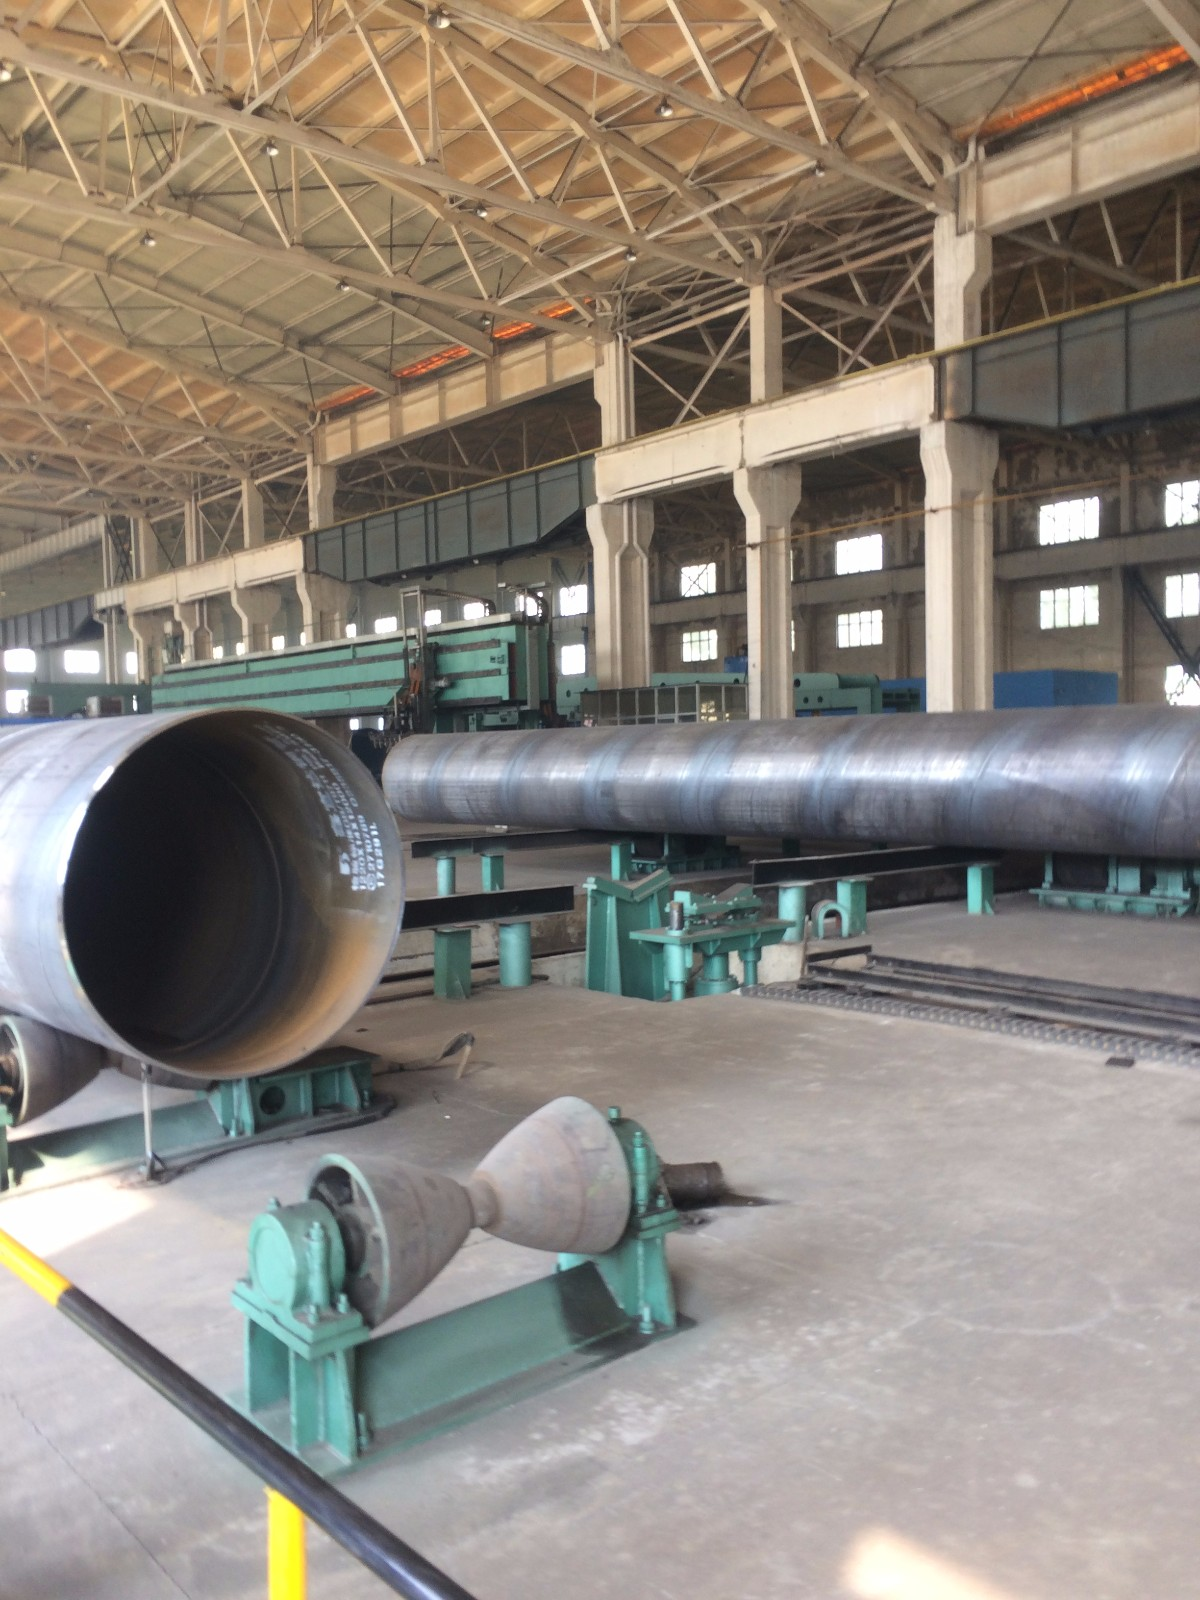 鑫宜達國標螺旋鋼管|螺旋鋼管系列-滄州市鑫宜達鋼管集團股份有限公司.